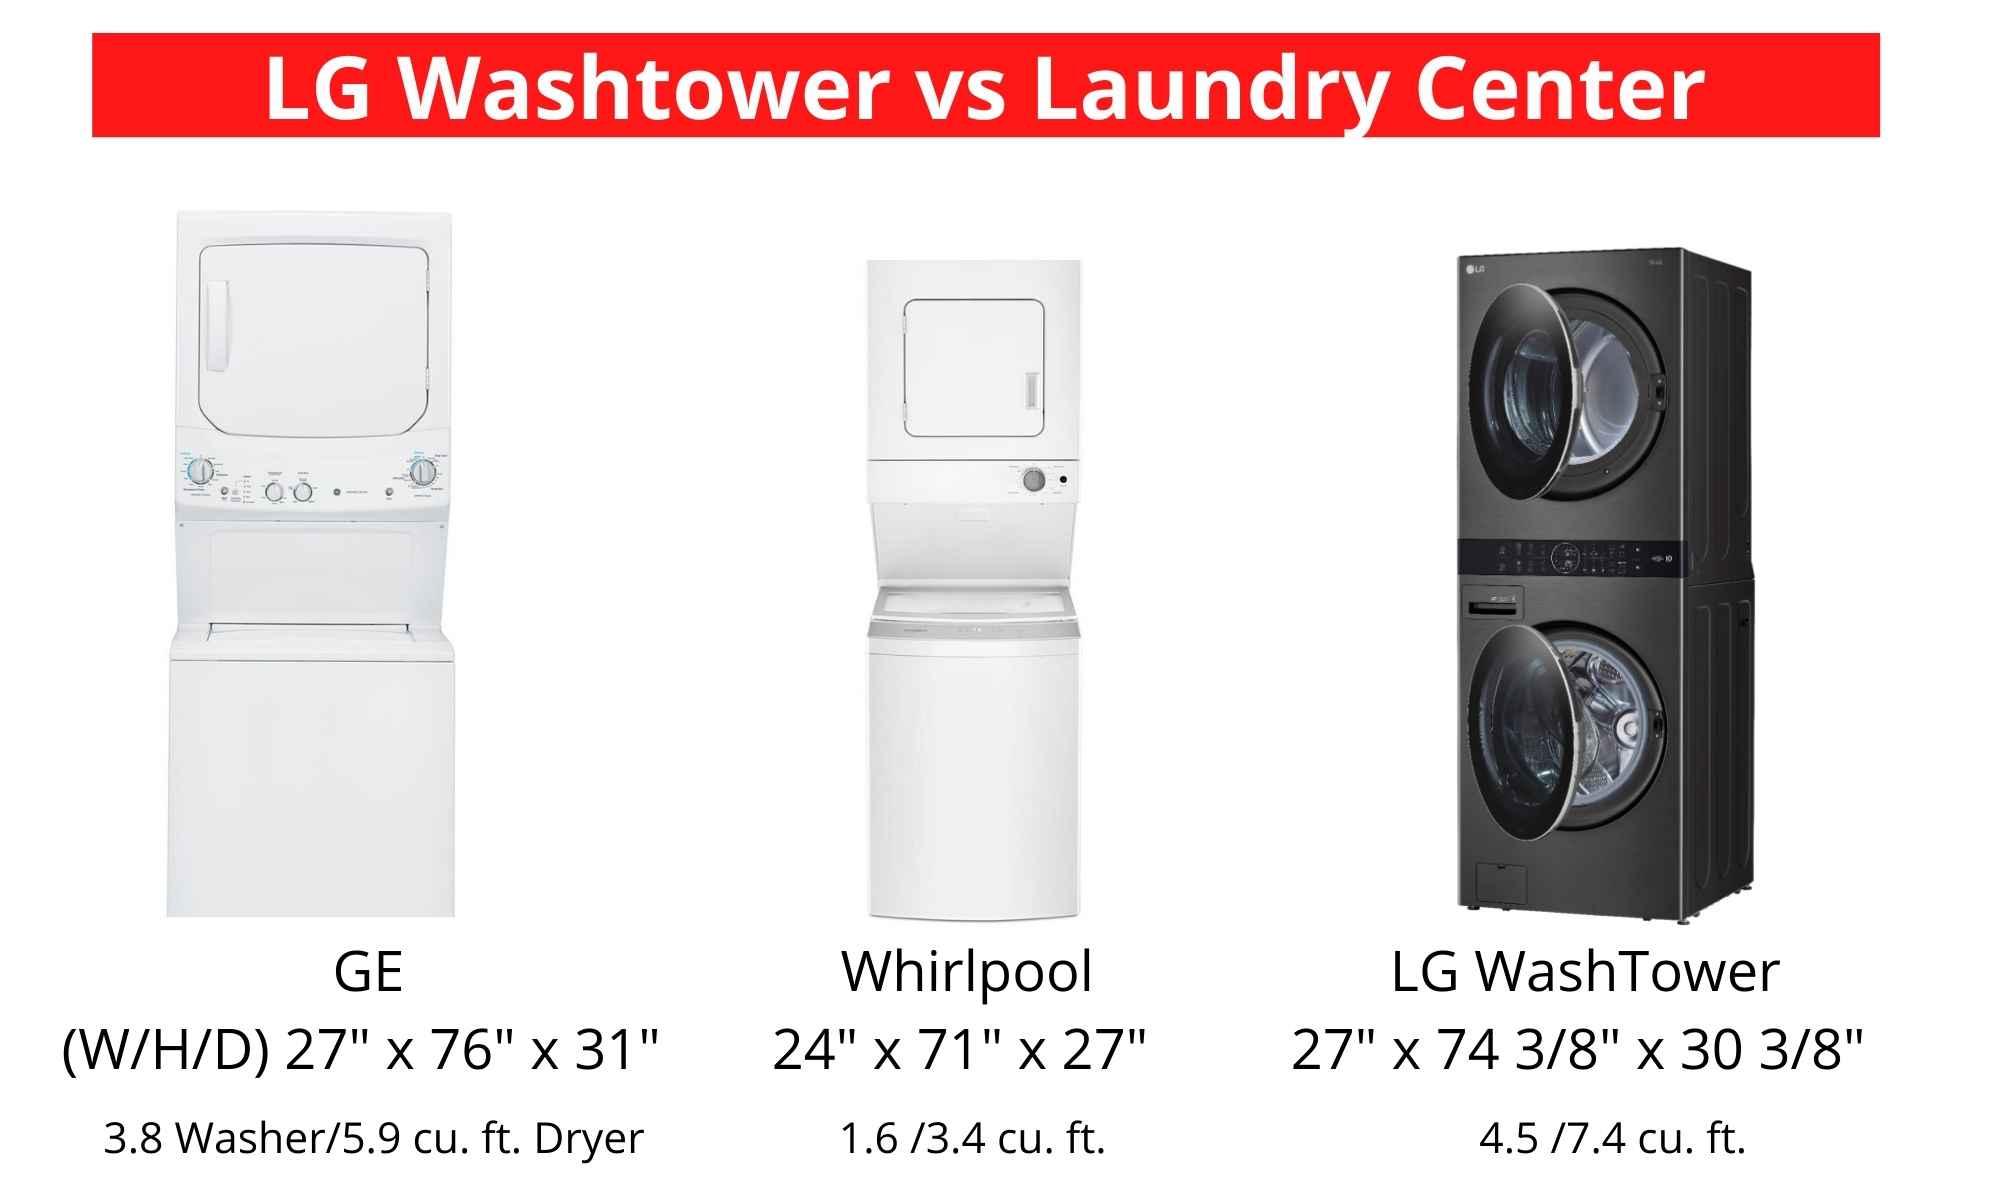 LG Washtower vs Laundry Center